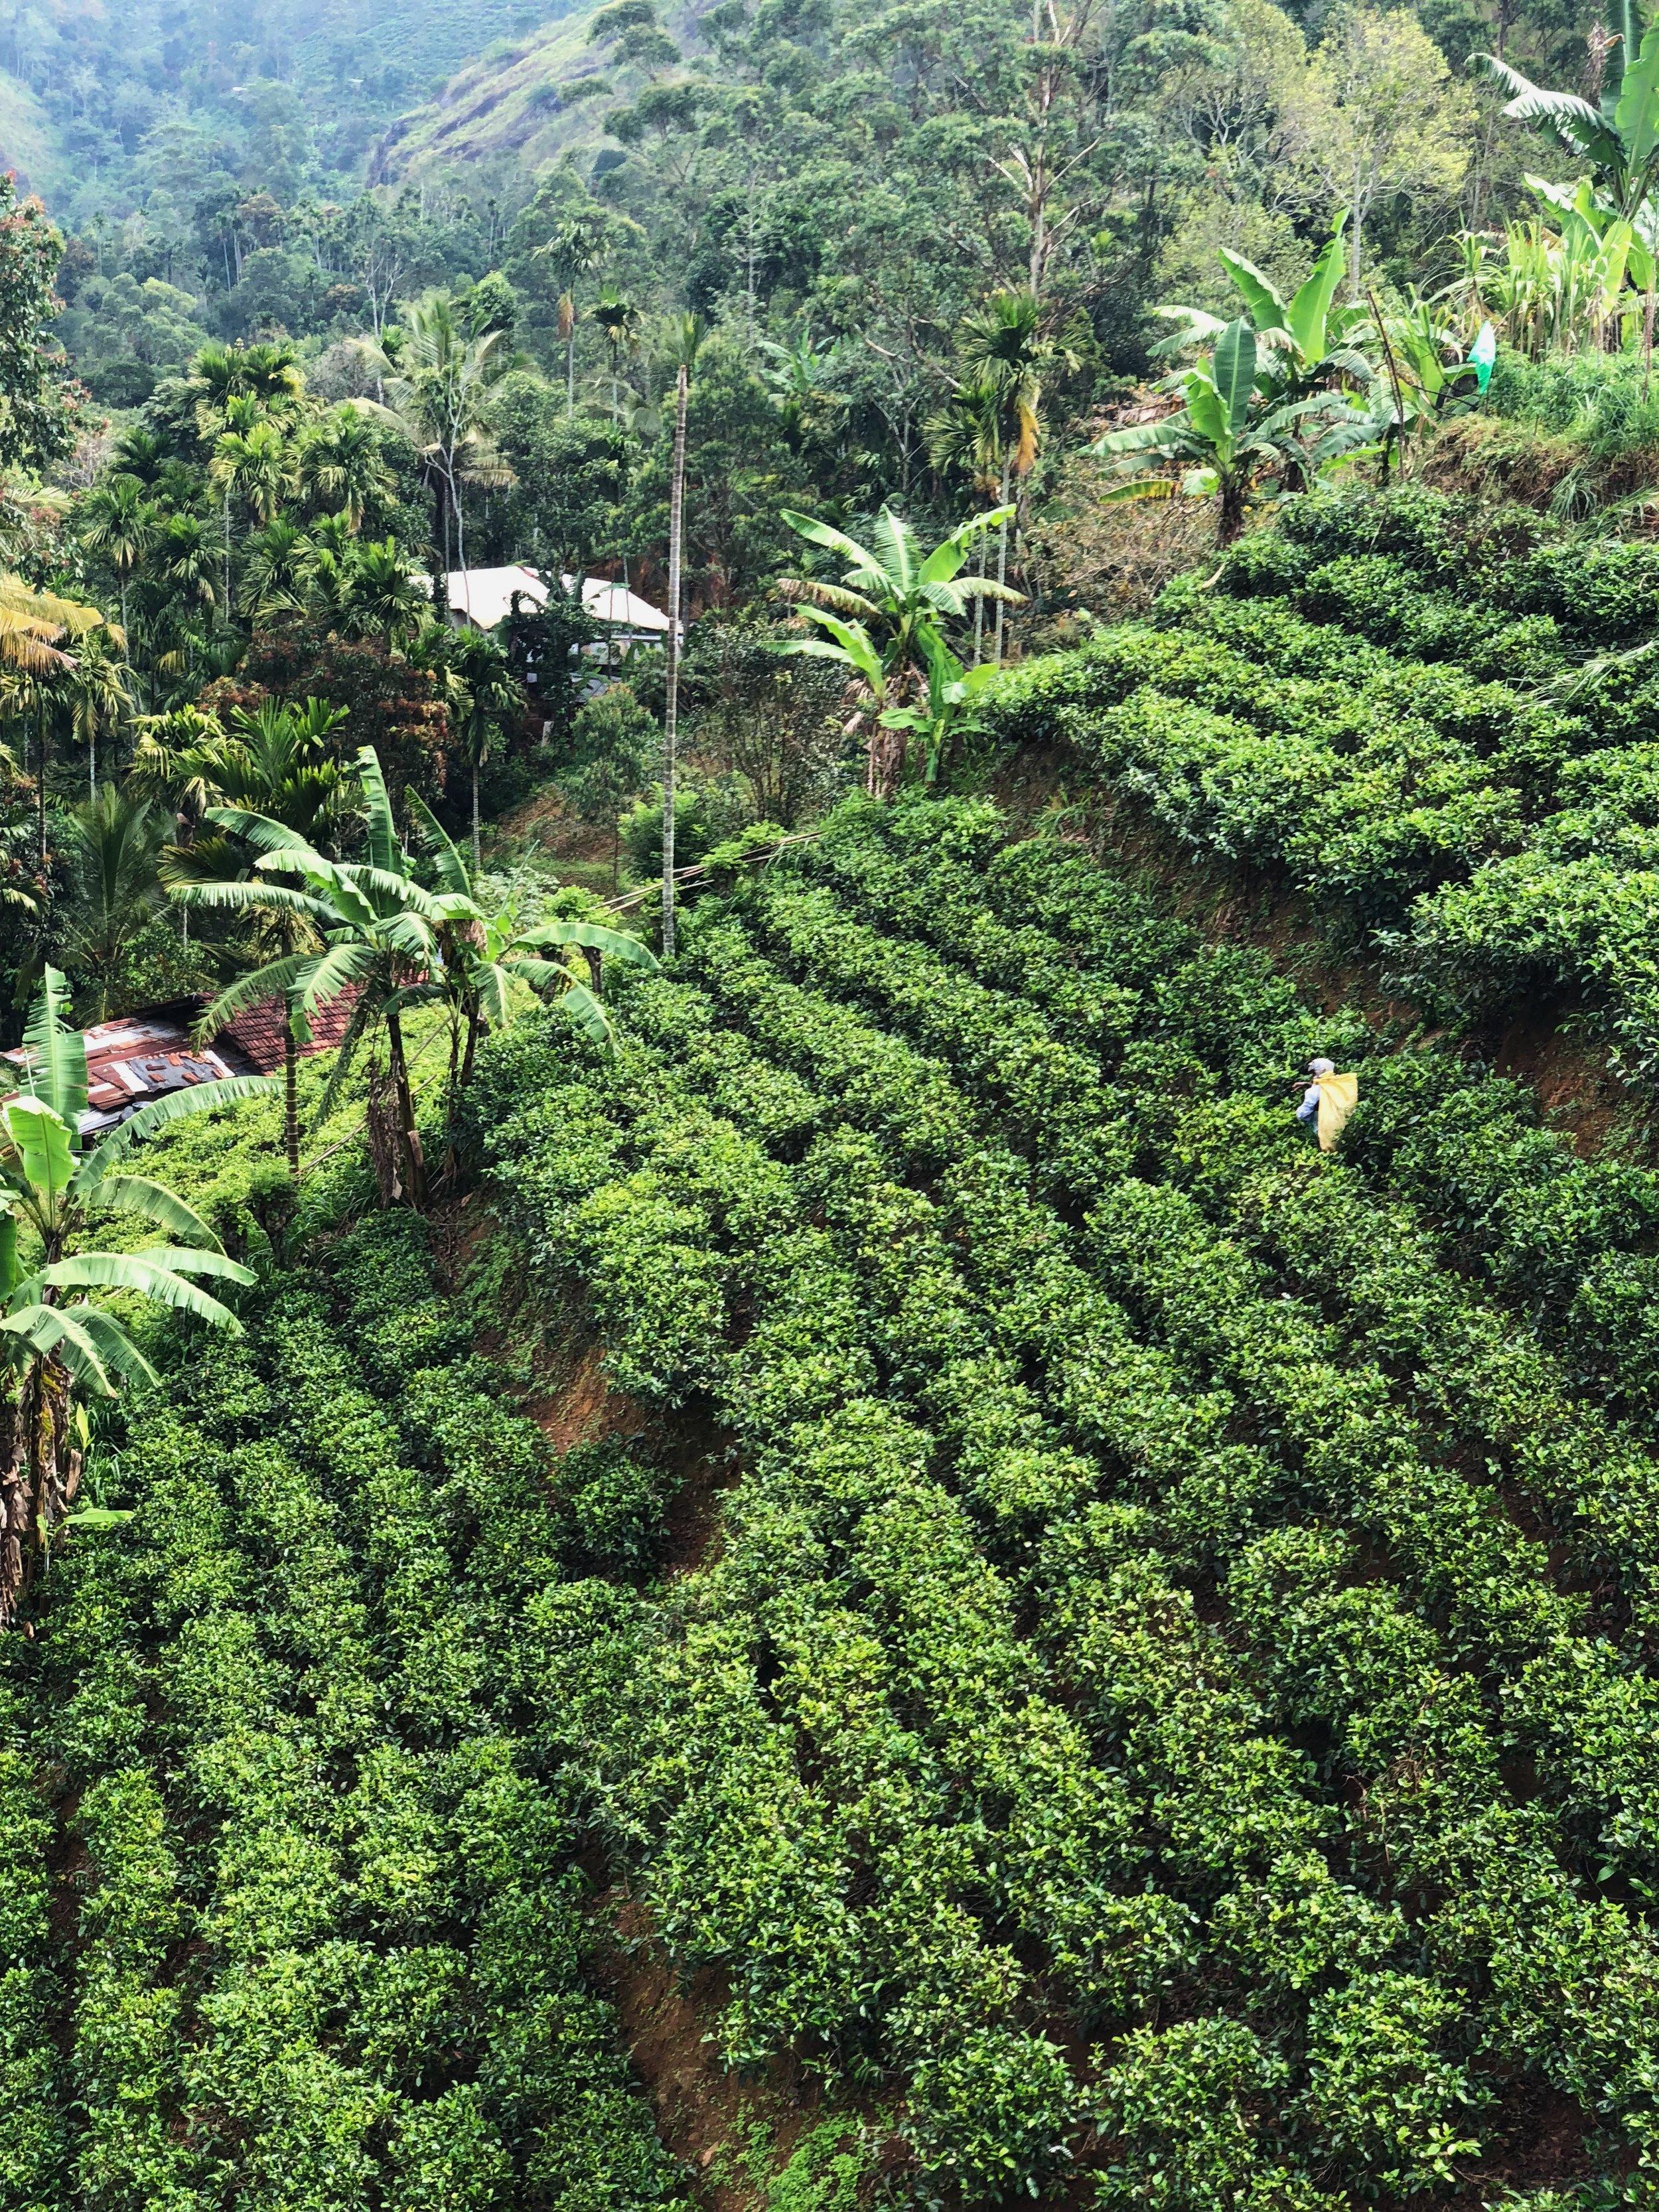 Hills-of-tea-leaves-Ella-Sri-Lanka